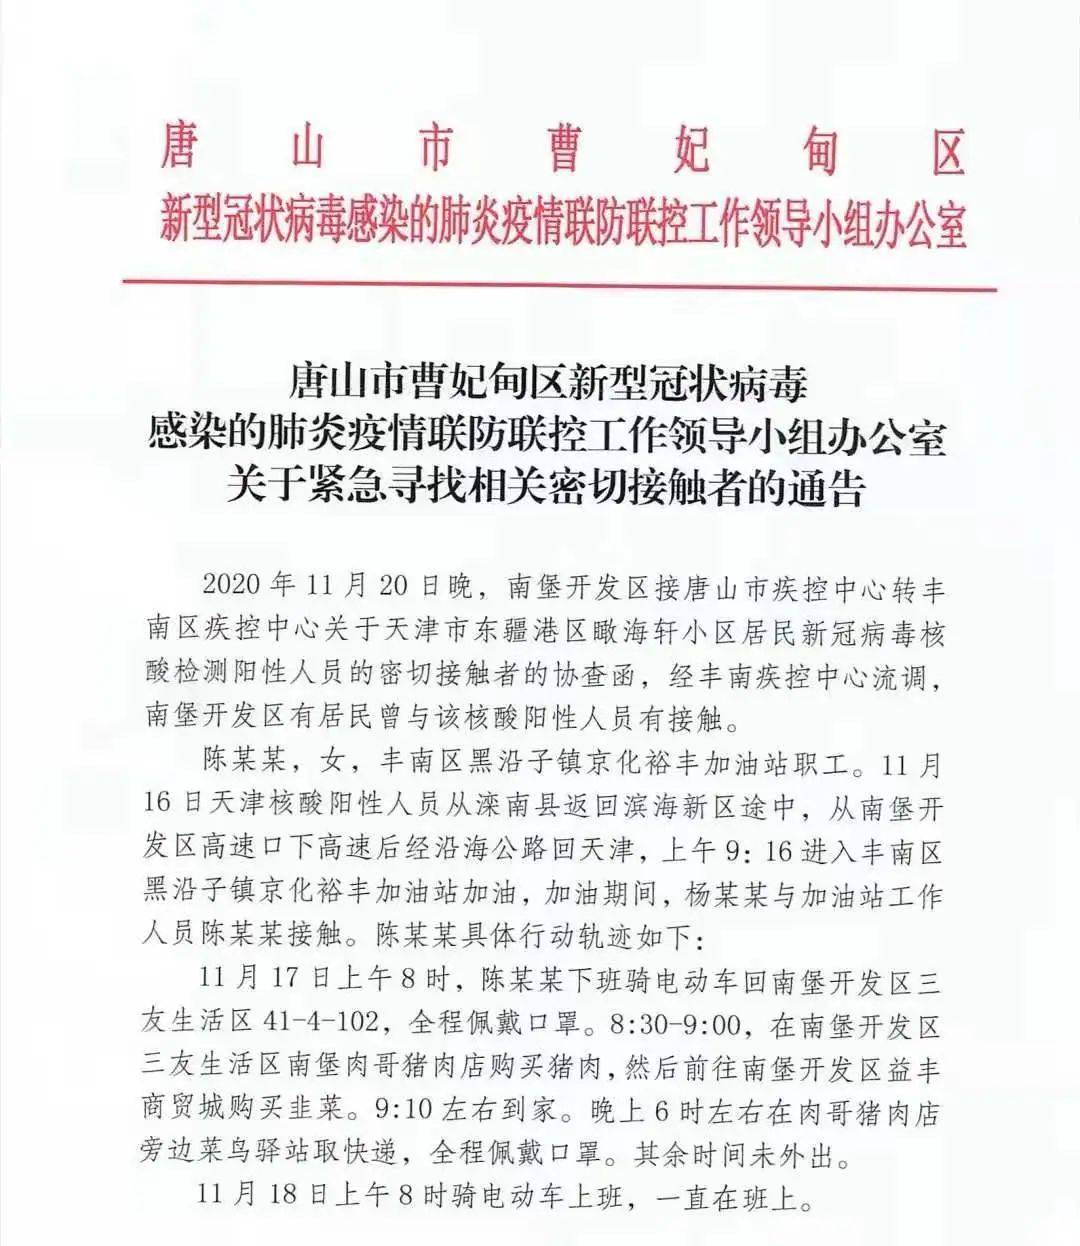 河北唐山一加油站女职工曾接触天津阳性人员,活动轨迹公布